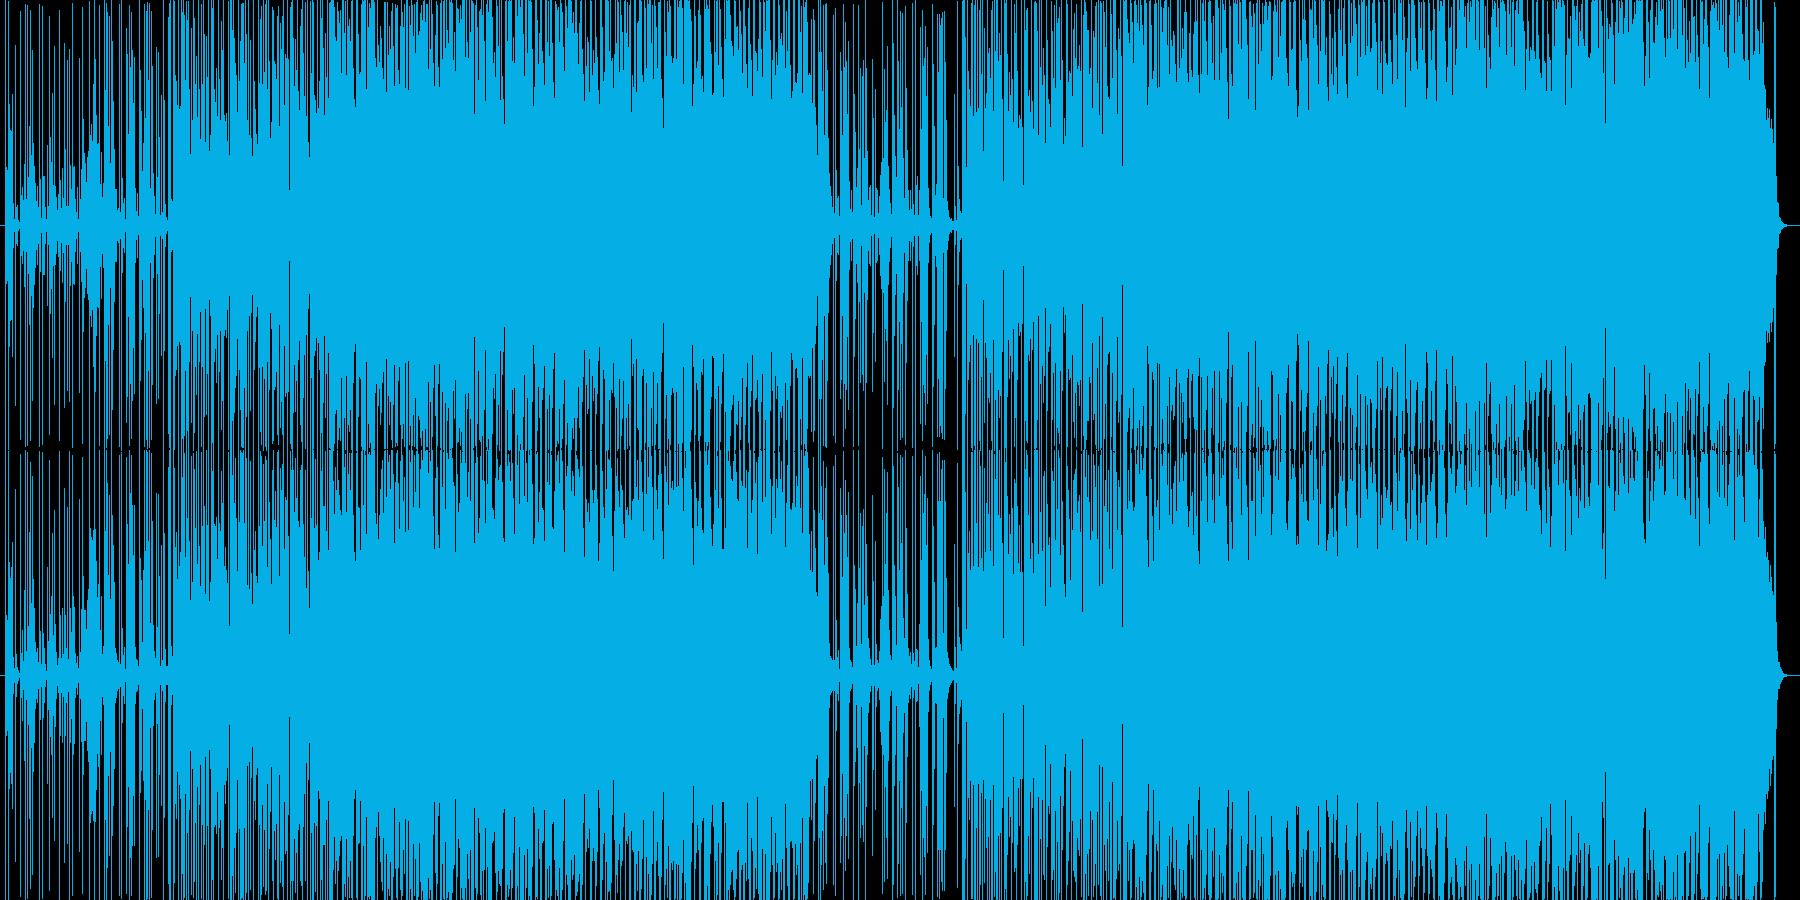 ほのぼのした日常系アコースティックロックの再生済みの波形